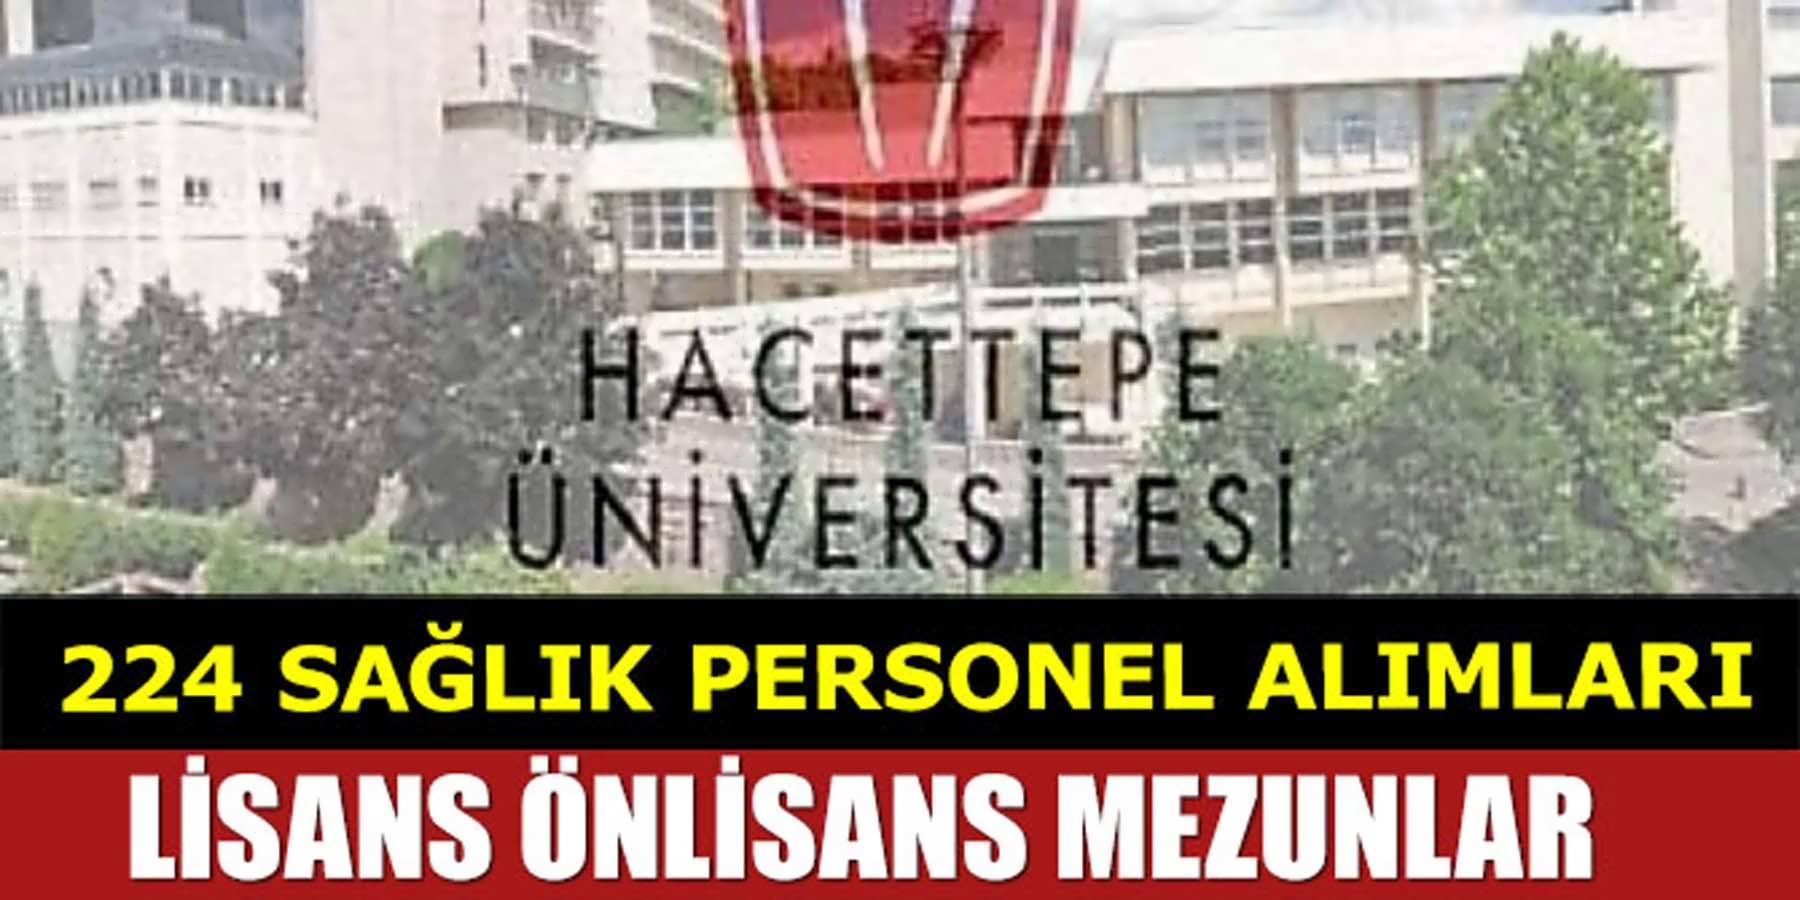 Hacettepe Üniversitesi KPSS Sıralaması İle 224 Sağlık Personeli Alıyor